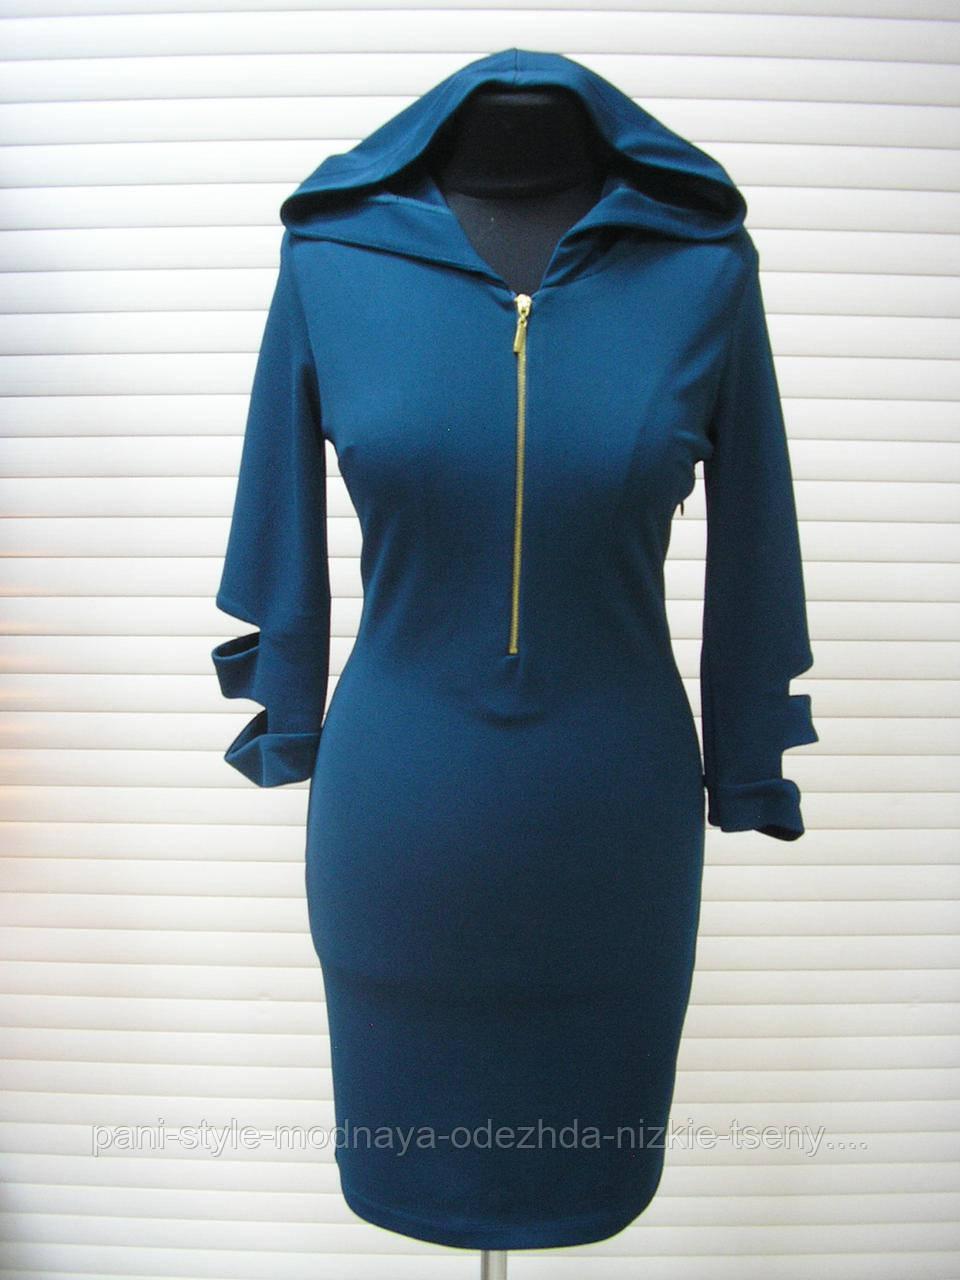 Бірюзове плаття молодіжне, плаття з капюшоном, сукня облягає повсякденне